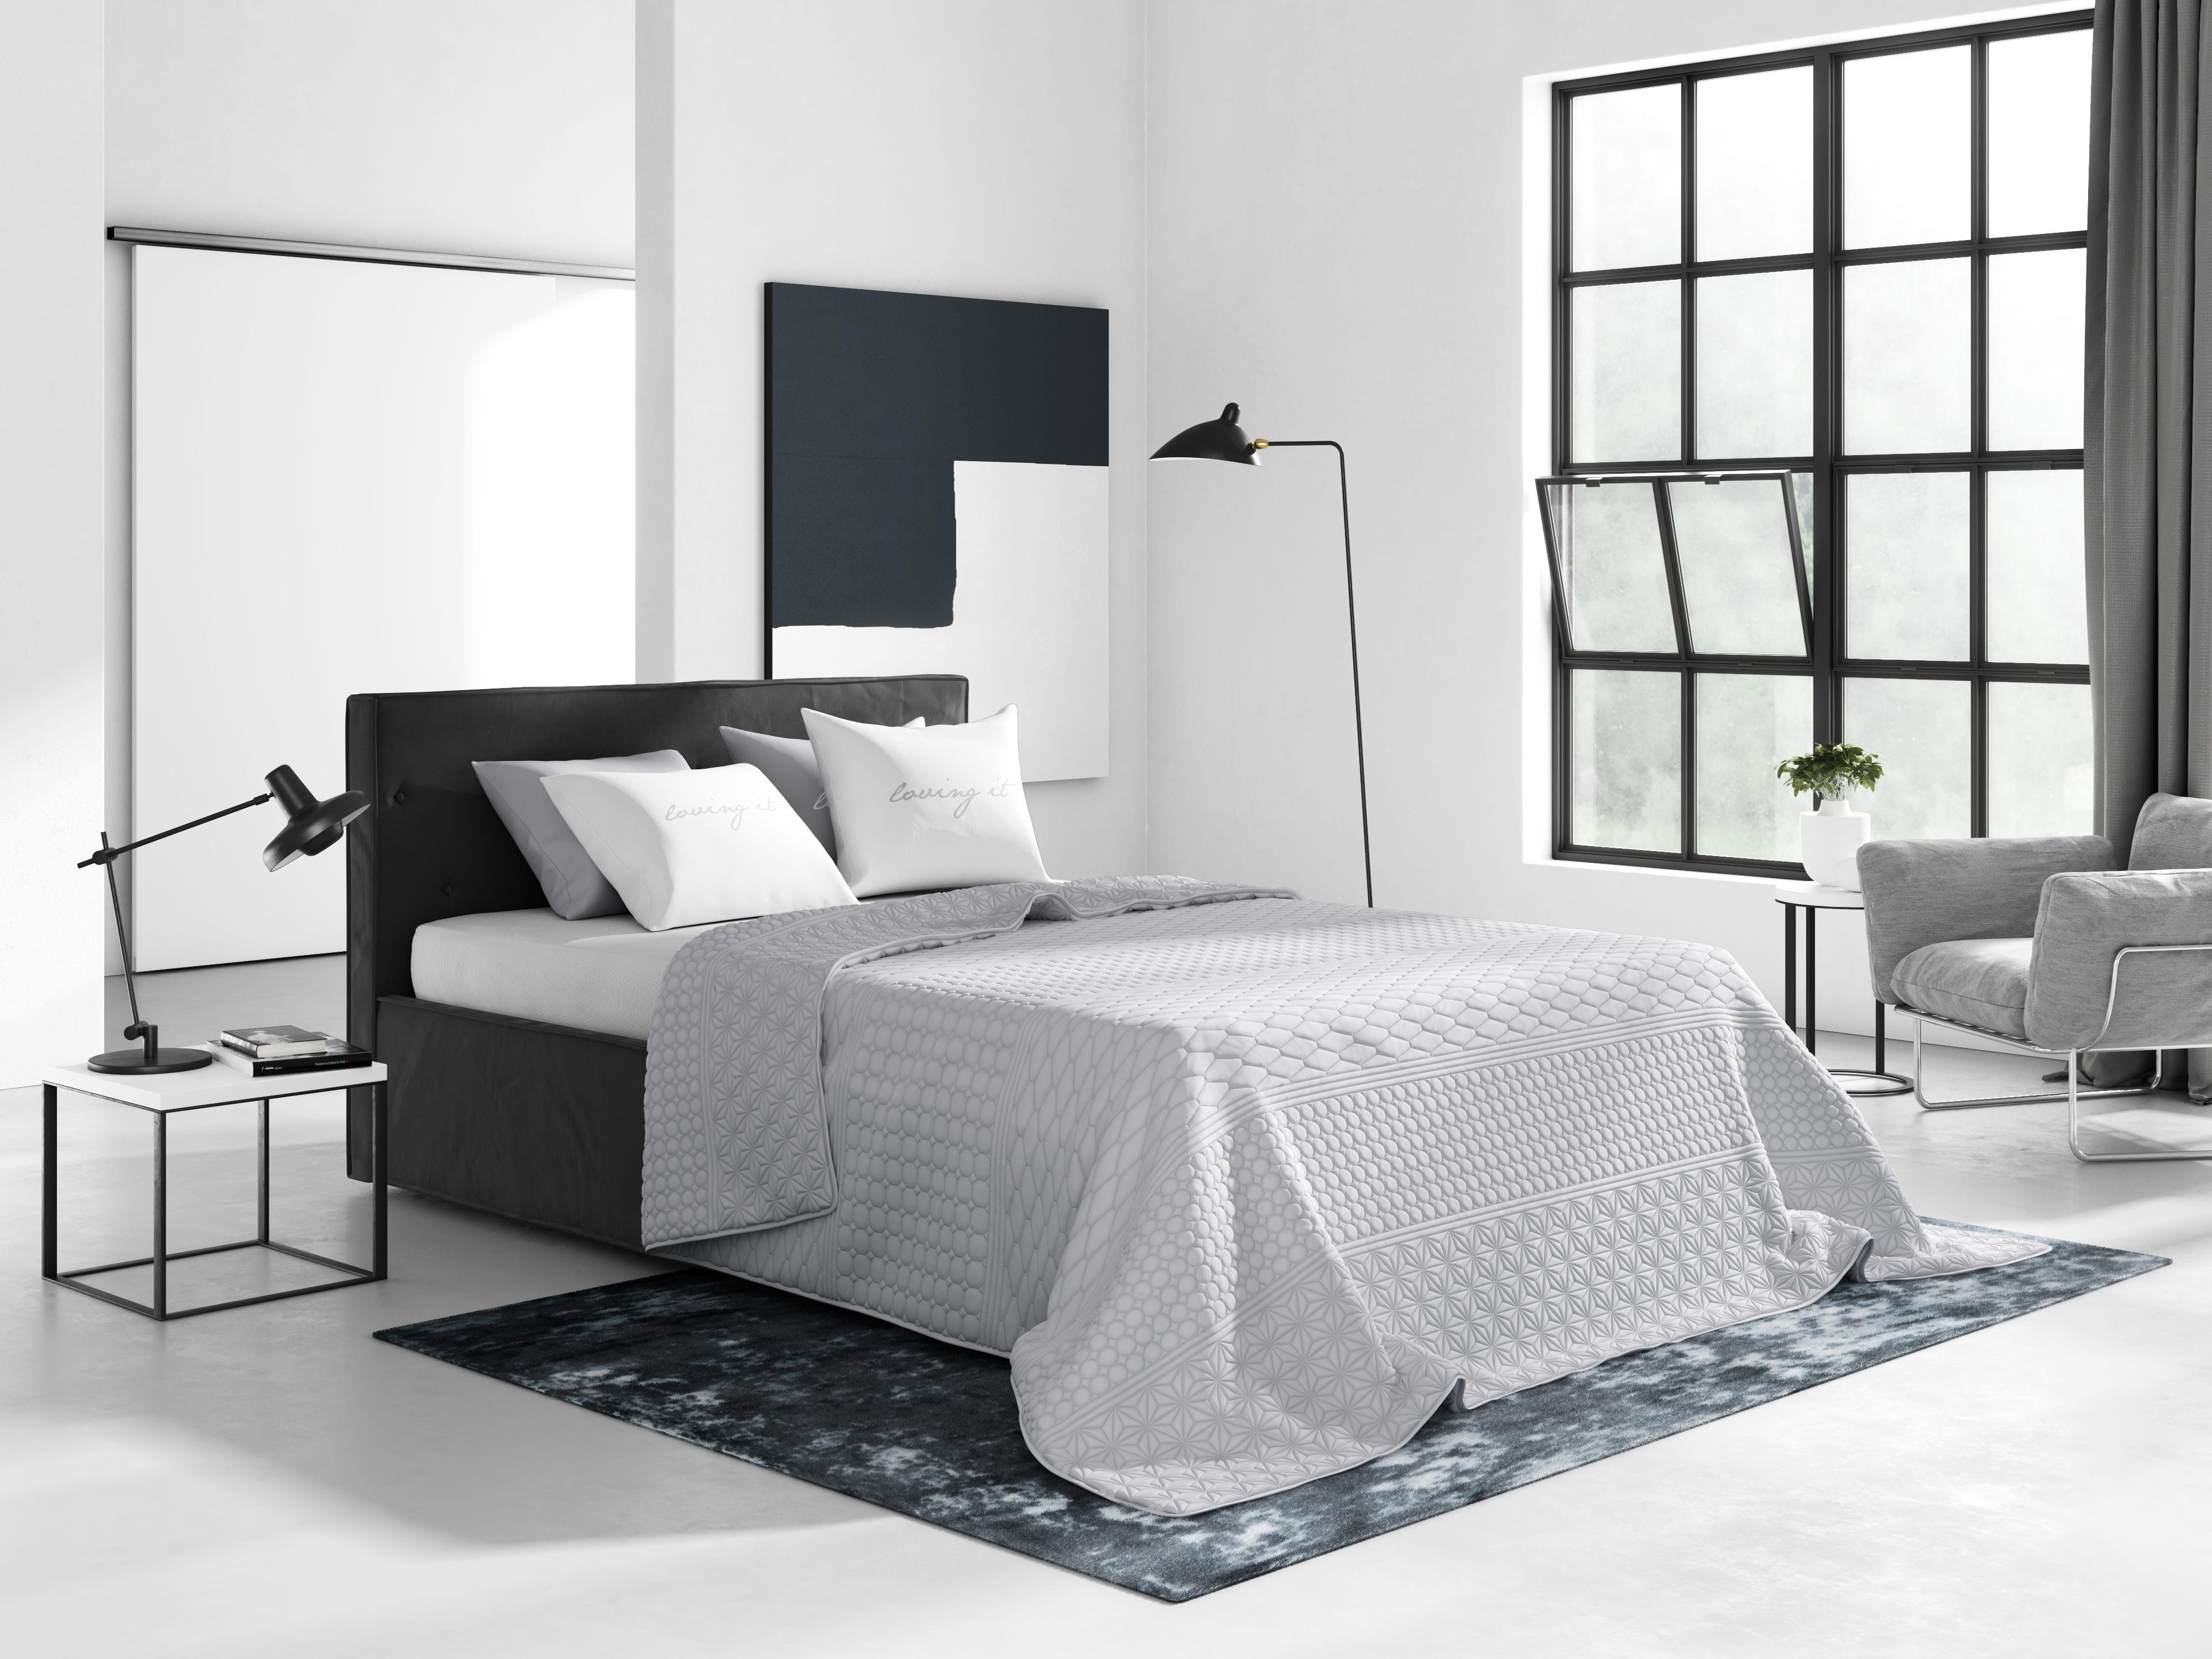 200x220 Dekoracyjne Jasnoszare Narzuty Na łóżko Do Sypialni